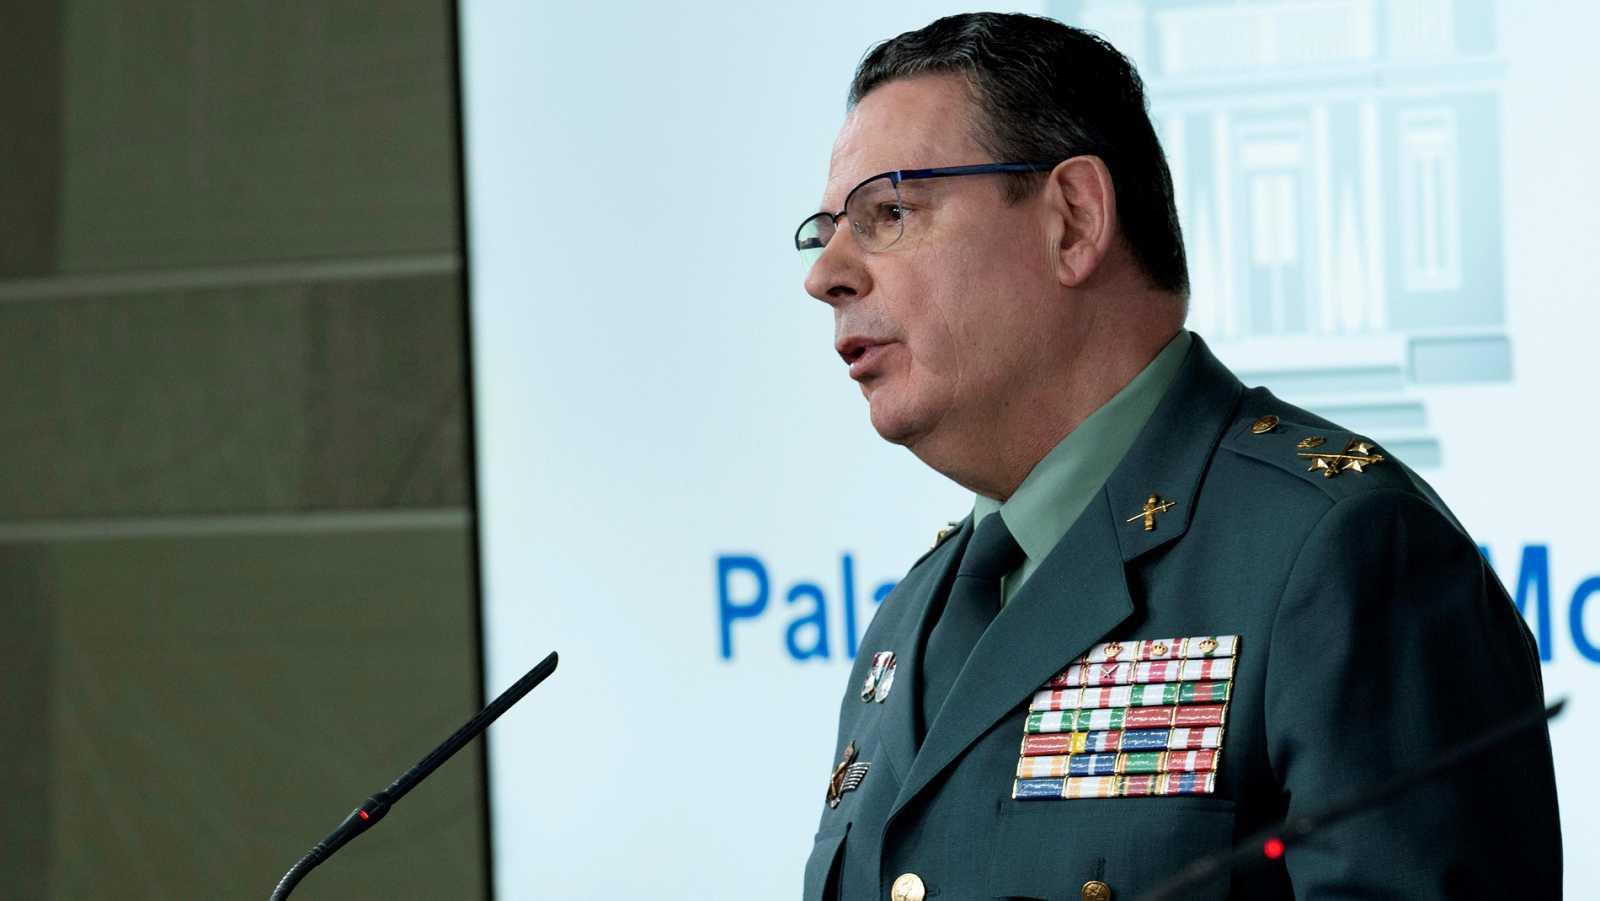 La Guardia Civil advierte contra el incremento de la ciberdelincuencia